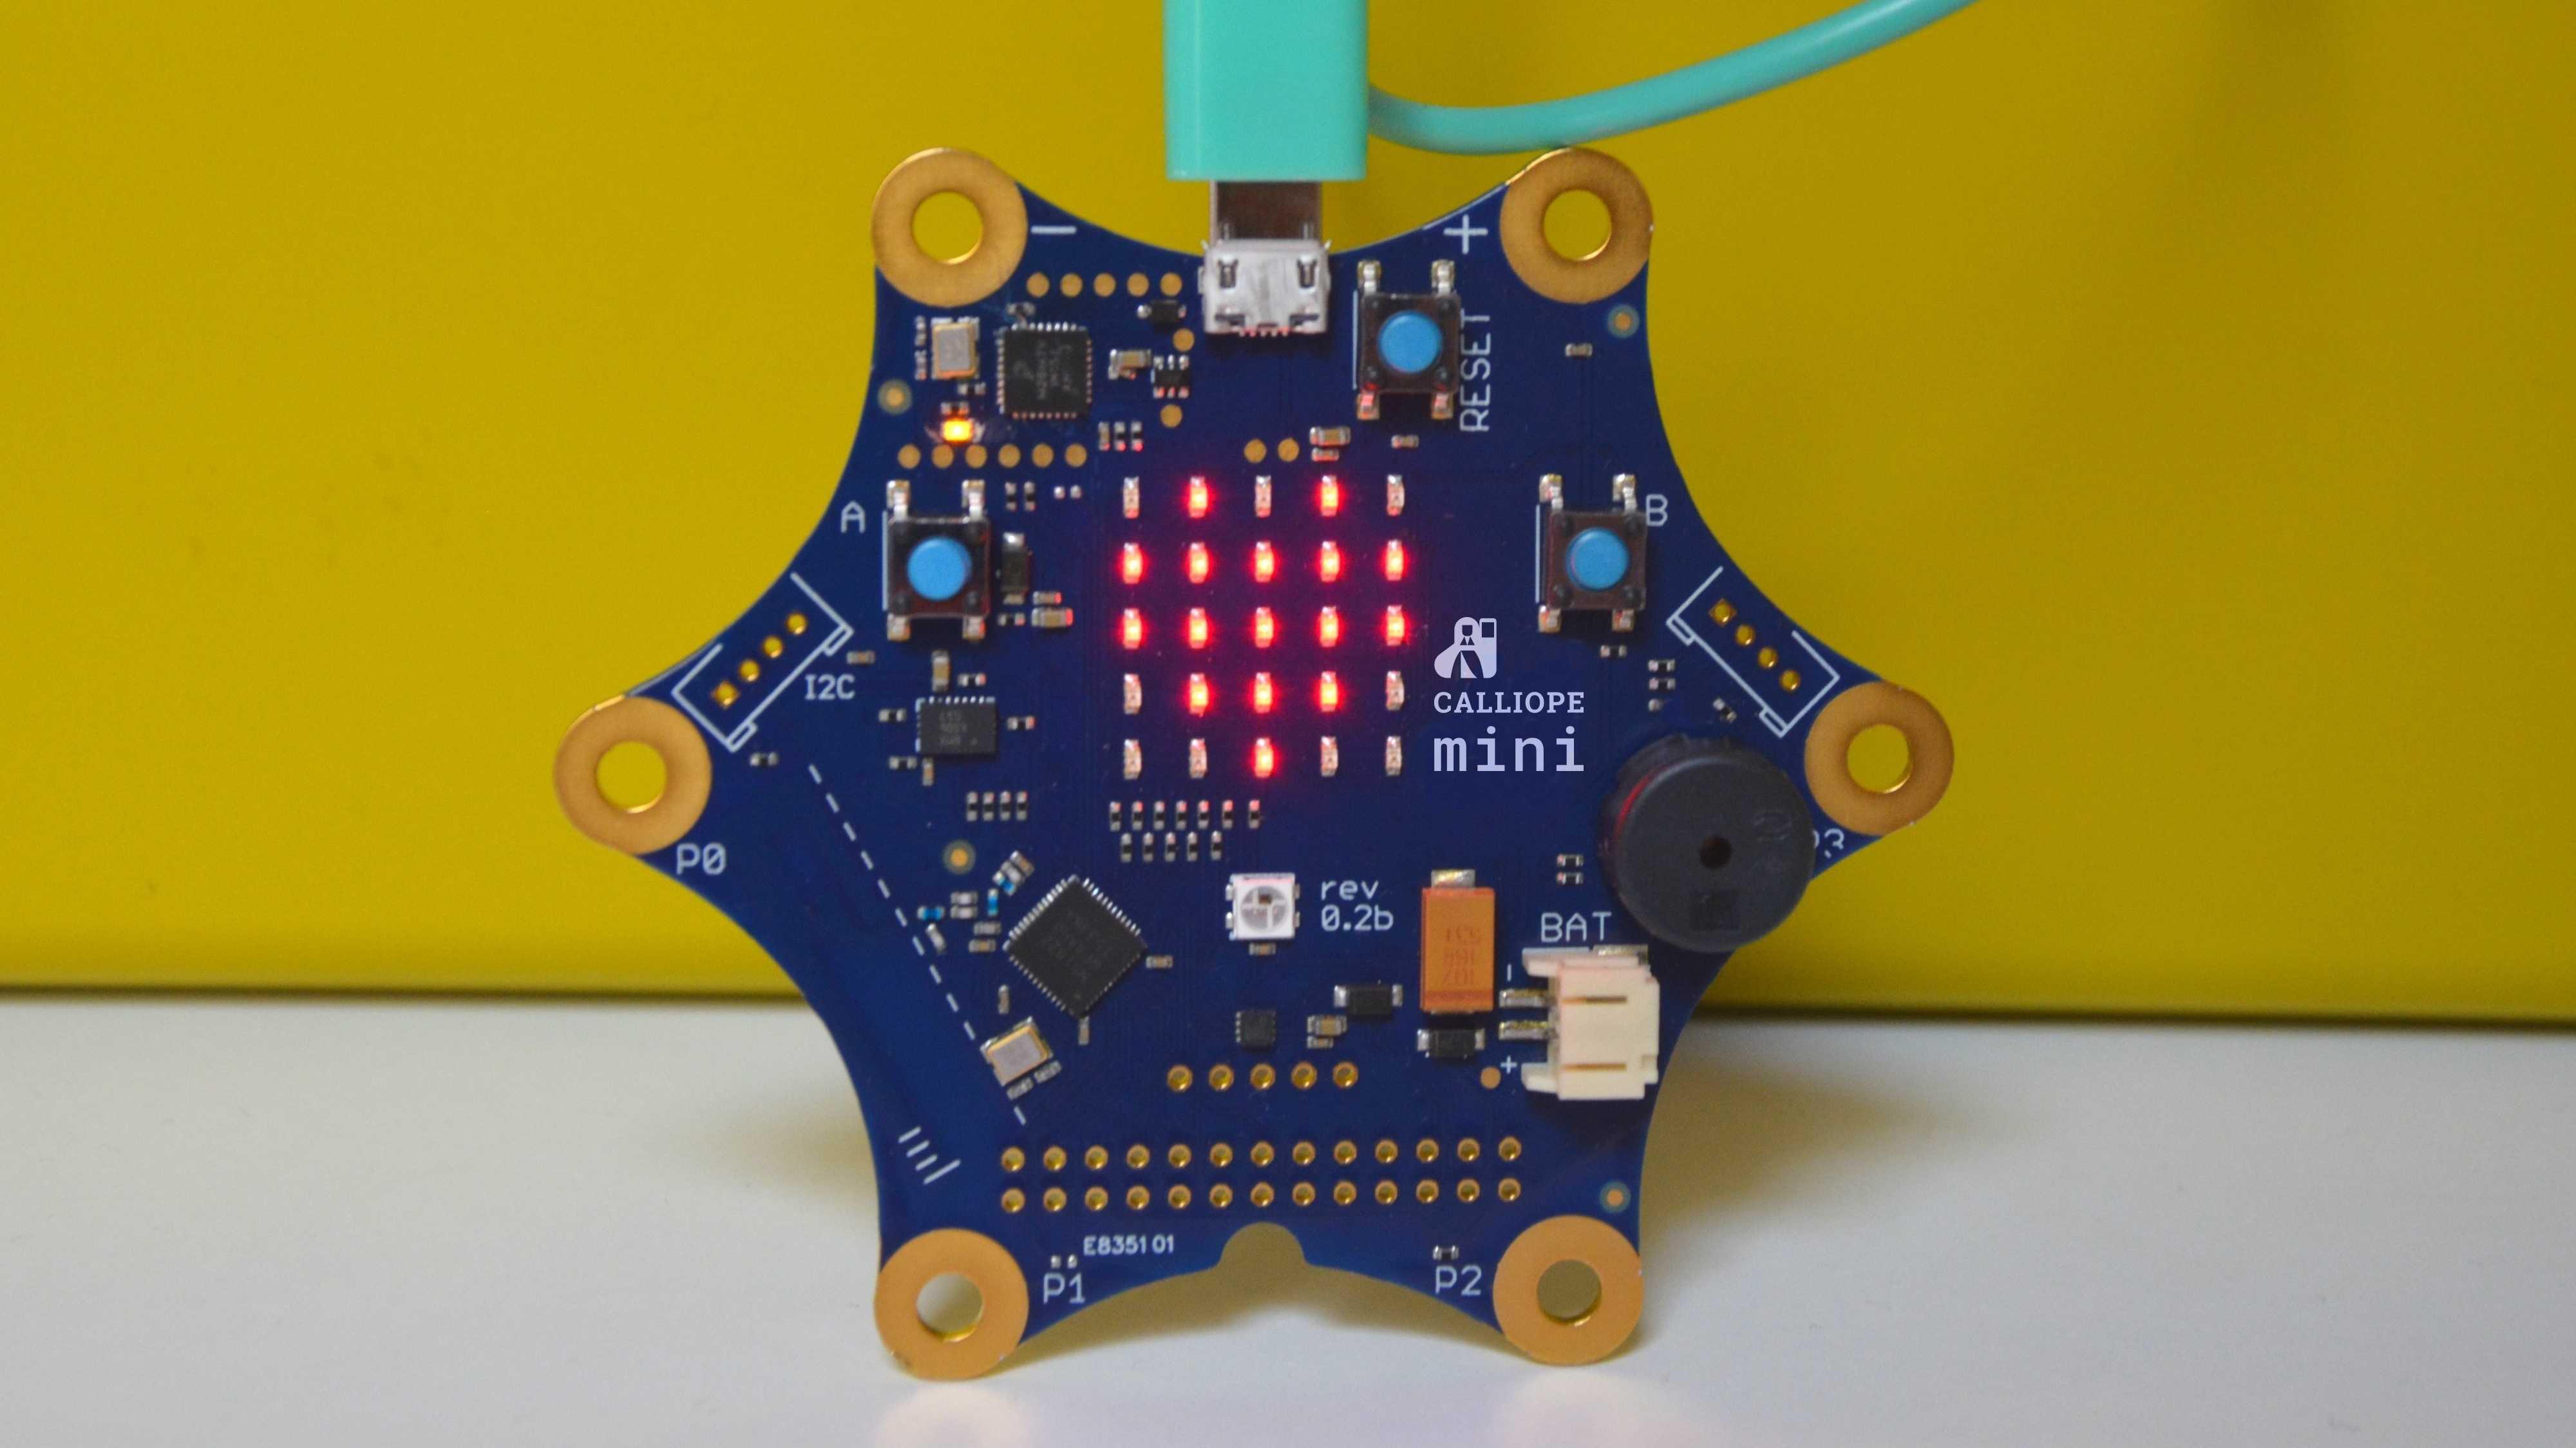 Calliope mini: Mikrocontroller für die Grundschule